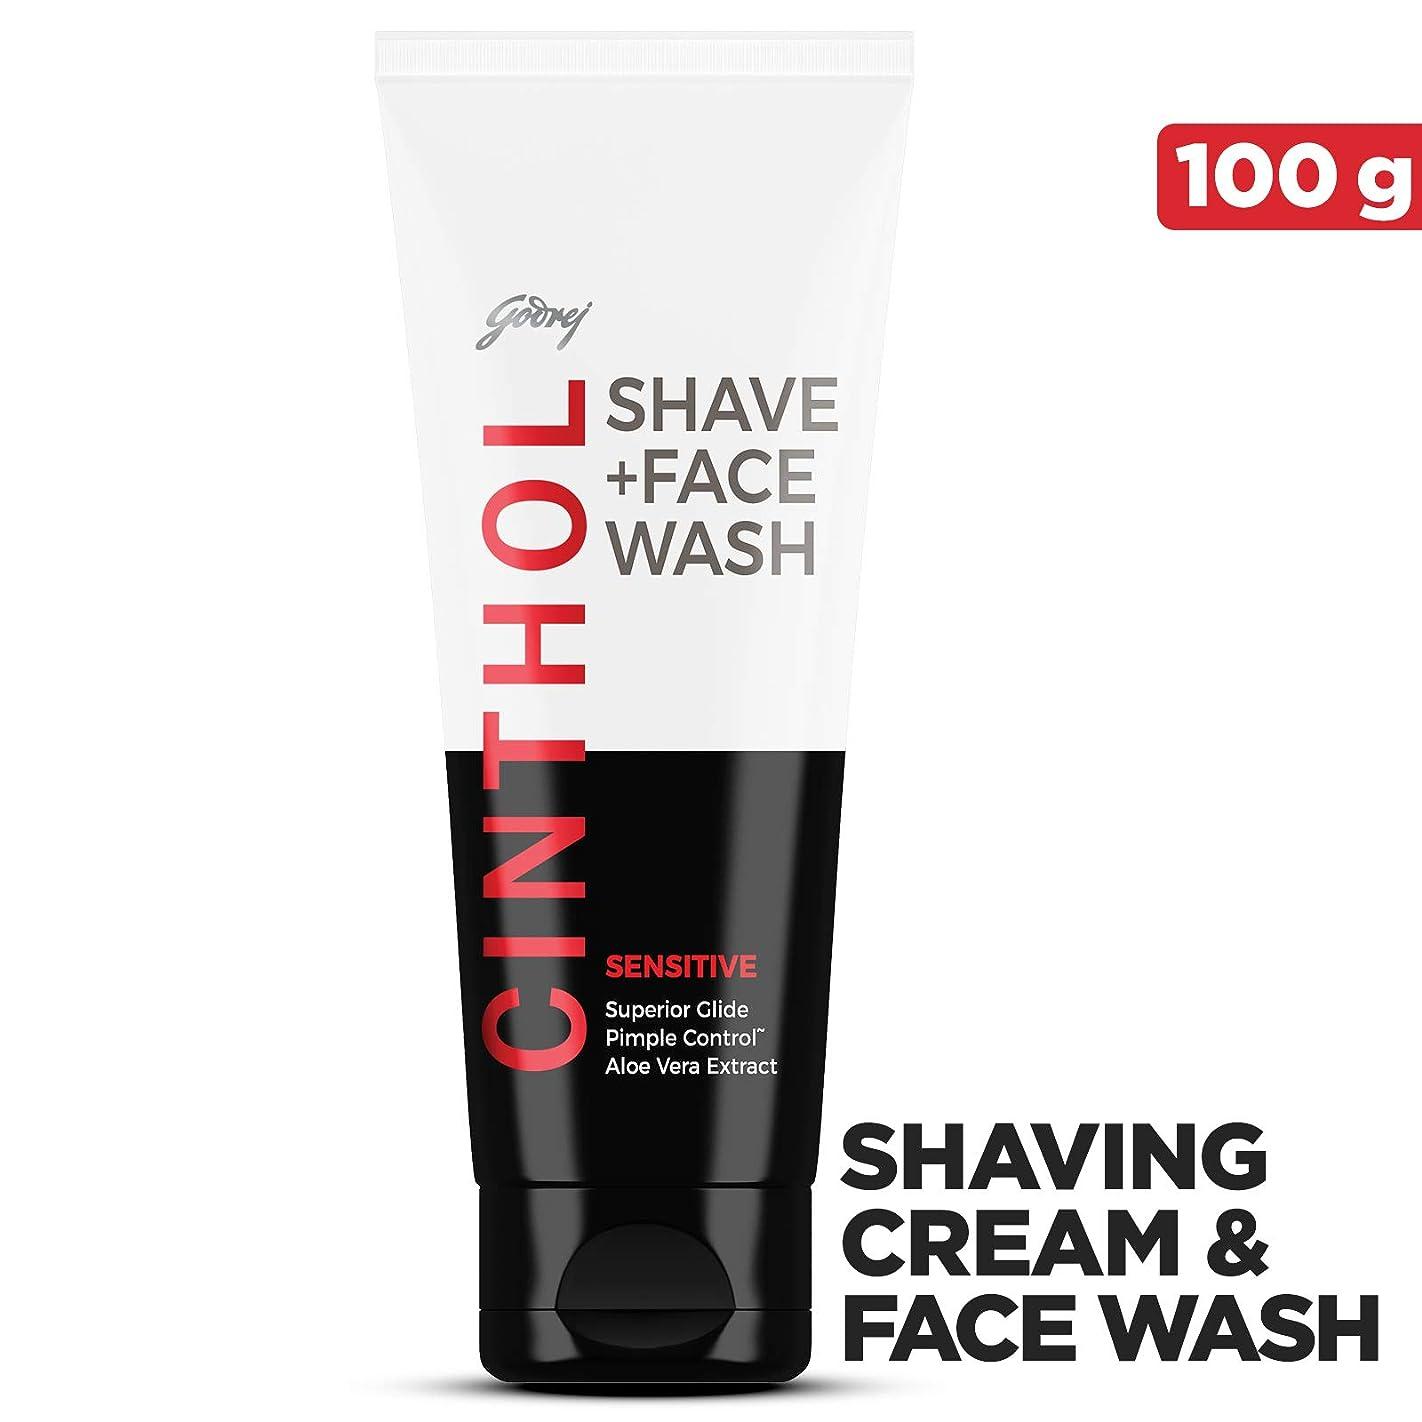 キノコ憂鬱な持続的Cinthol Sensitive Shaving + Face wash 100g